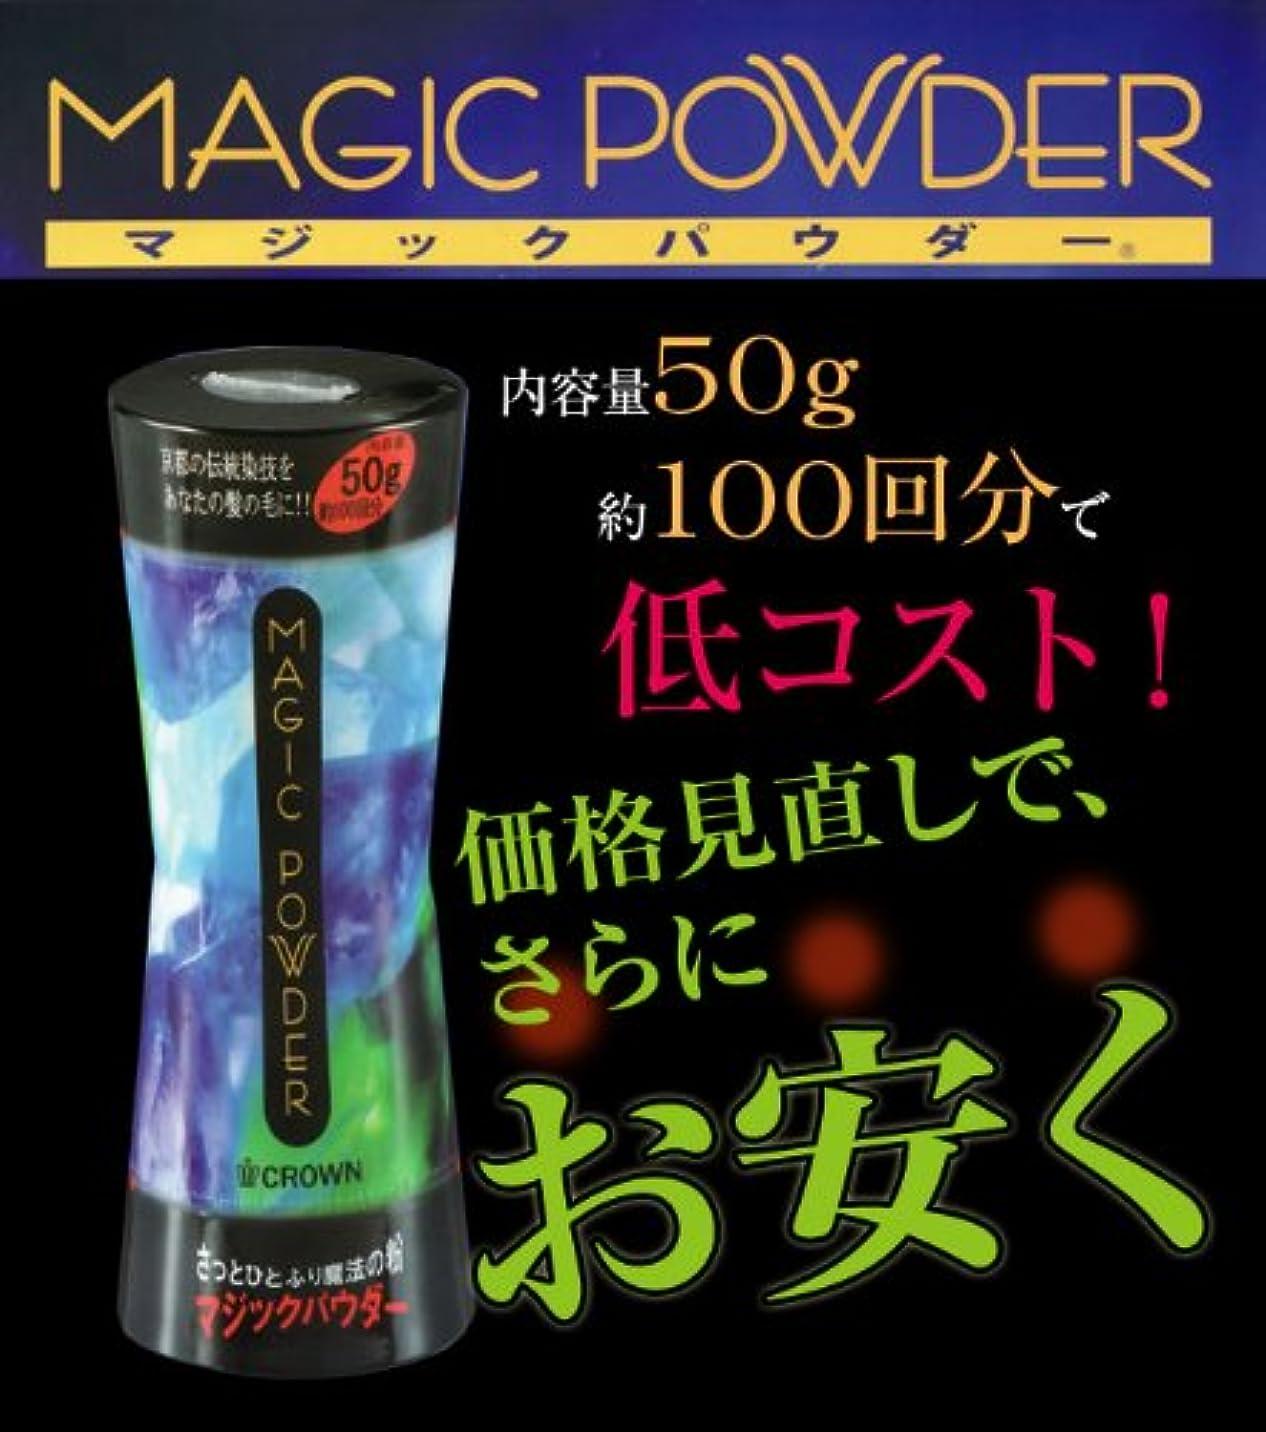 ホストフィラデルフィア首謀者マジックパウダー 50g 【ブラック】【約100回分】【男女兼用】【MAGIC POWDER】薄毛隠し